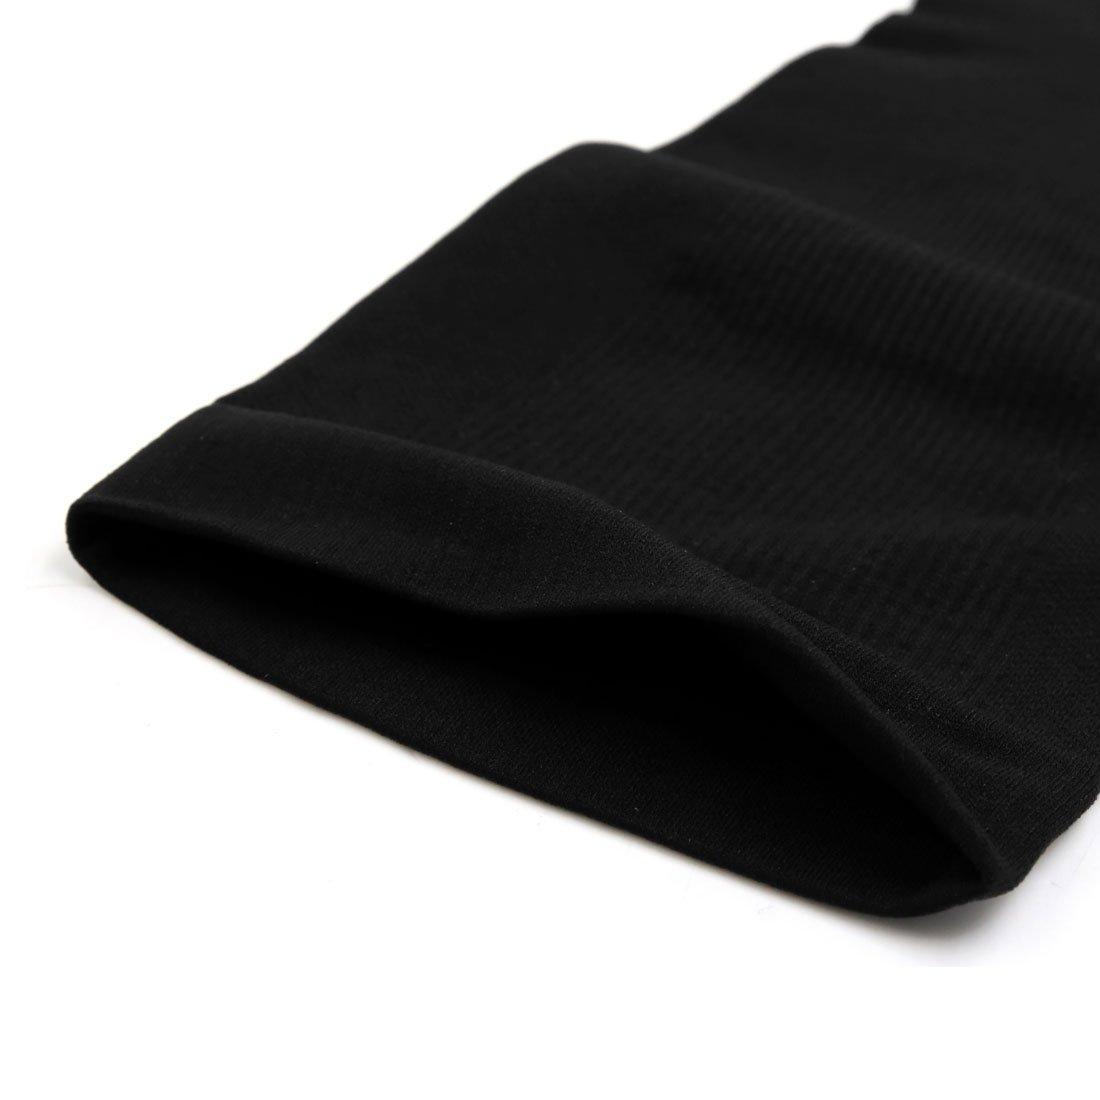 eDealMax 1 paire Noir Taille L Unisexe élastique Jambe Tube Façonner Chaussettes mollet Bas Manches